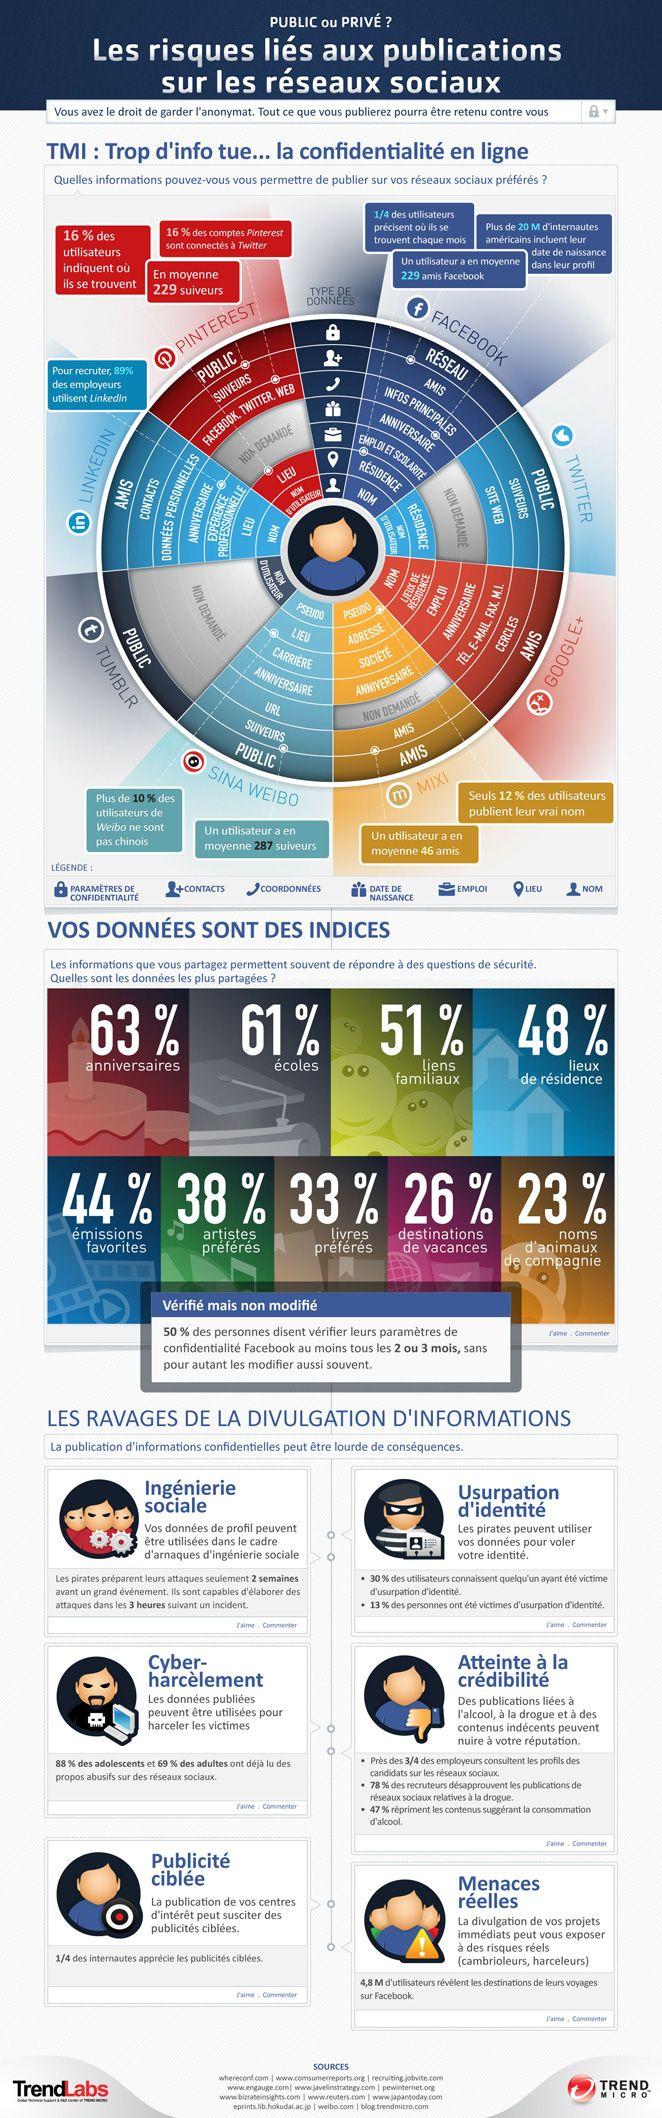 Les risques liés aux publications sur les réseaux sociaux -  #infographie anonymat & média sociaux - #erep